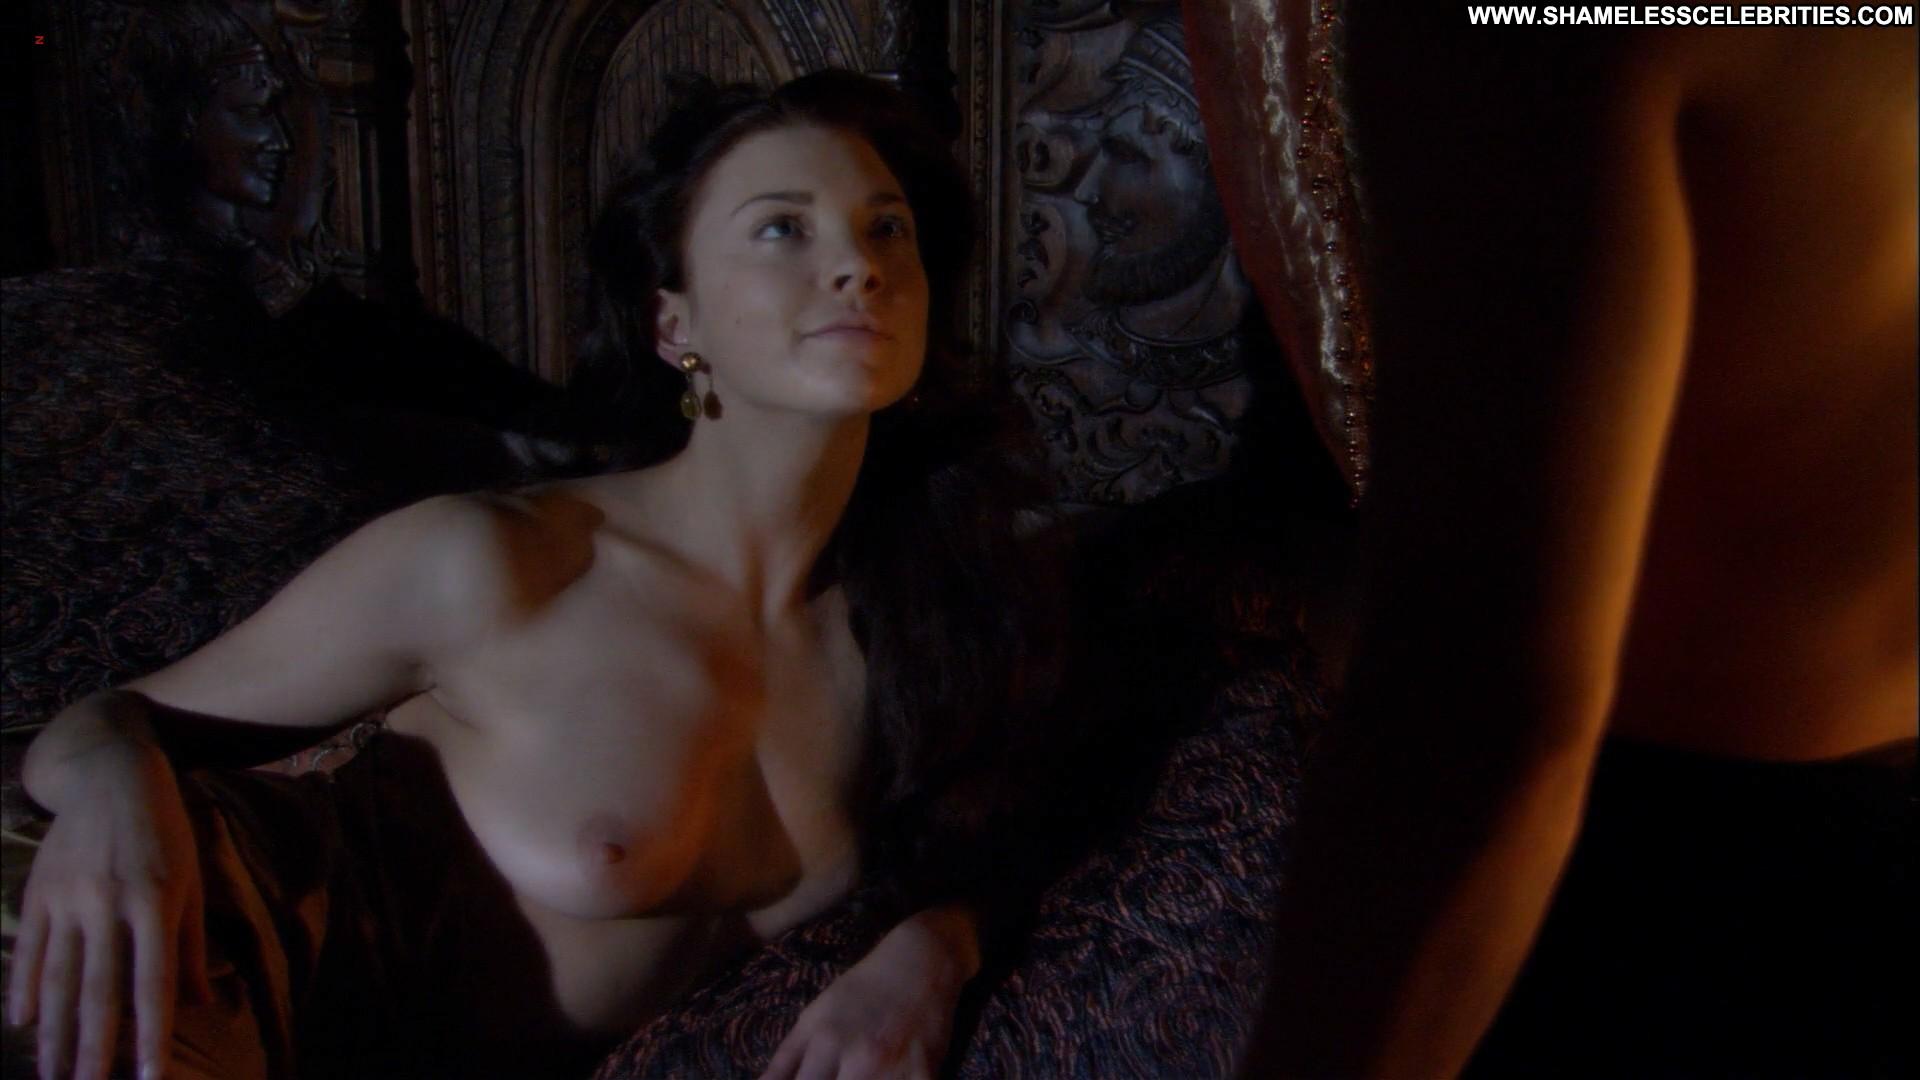 Natalie Dormer Porn+ nude boys porn movie - natalie dormer nude sex scene in the